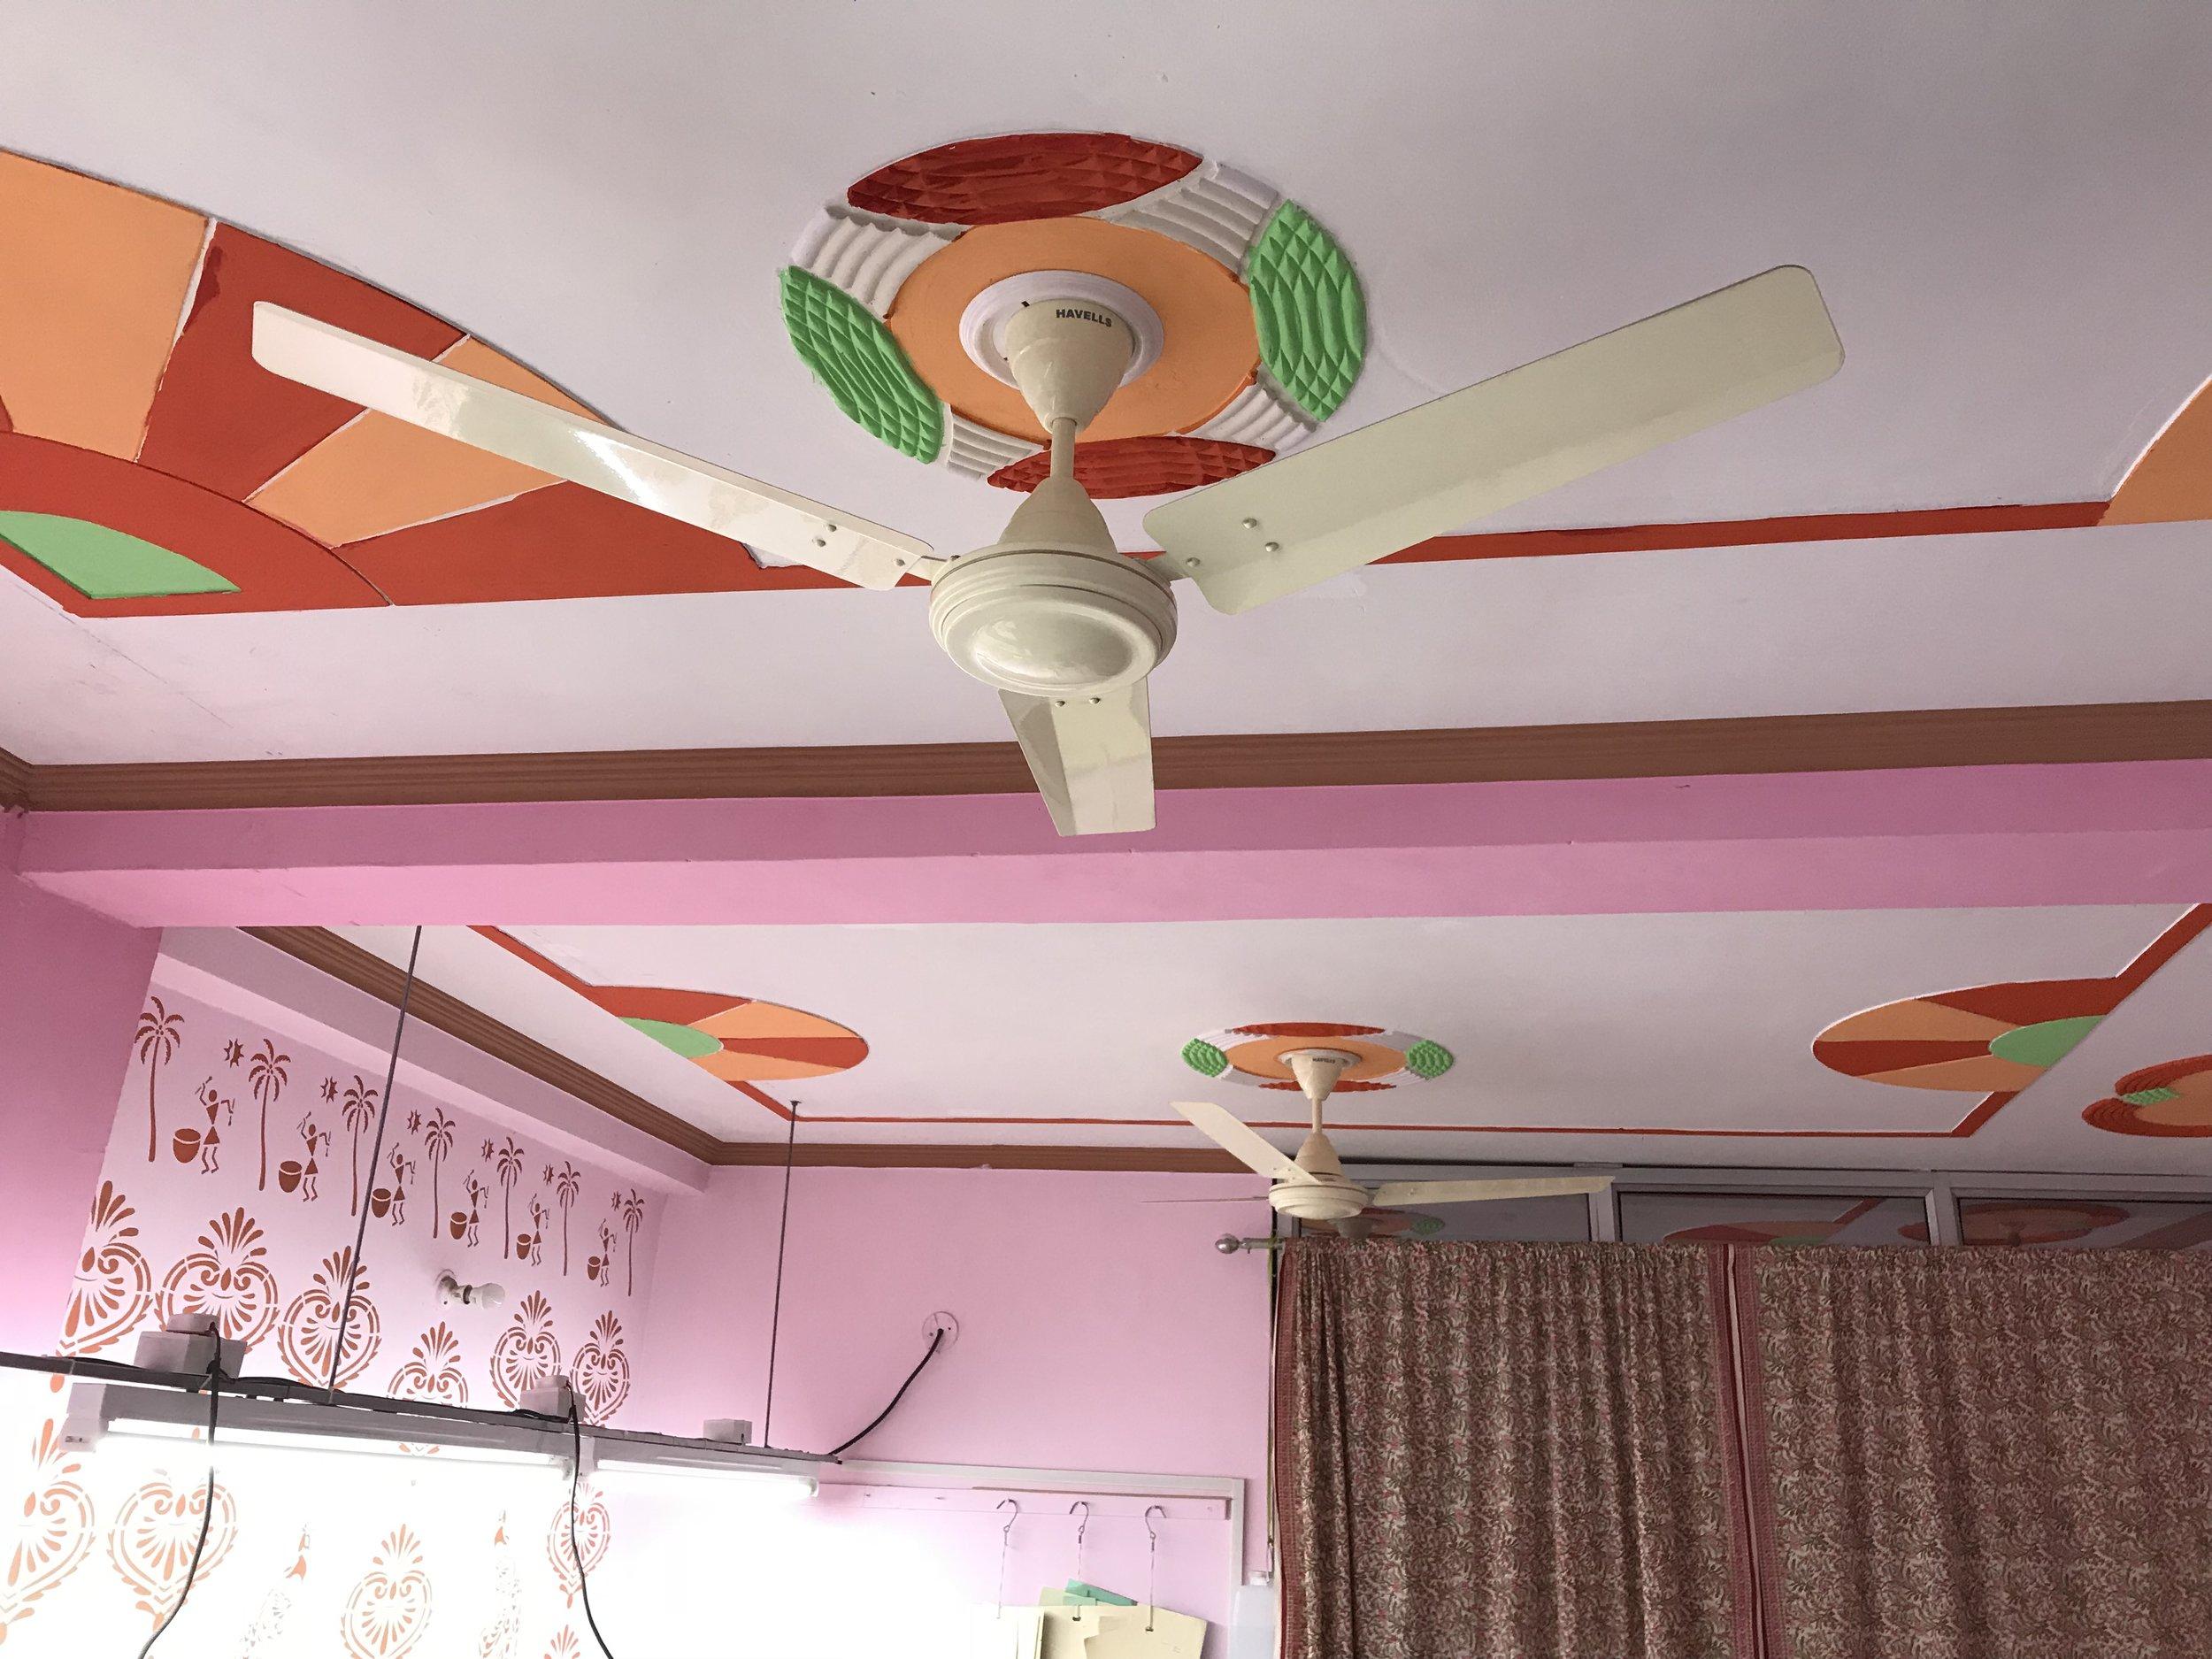 Day3 ceiling.jpg